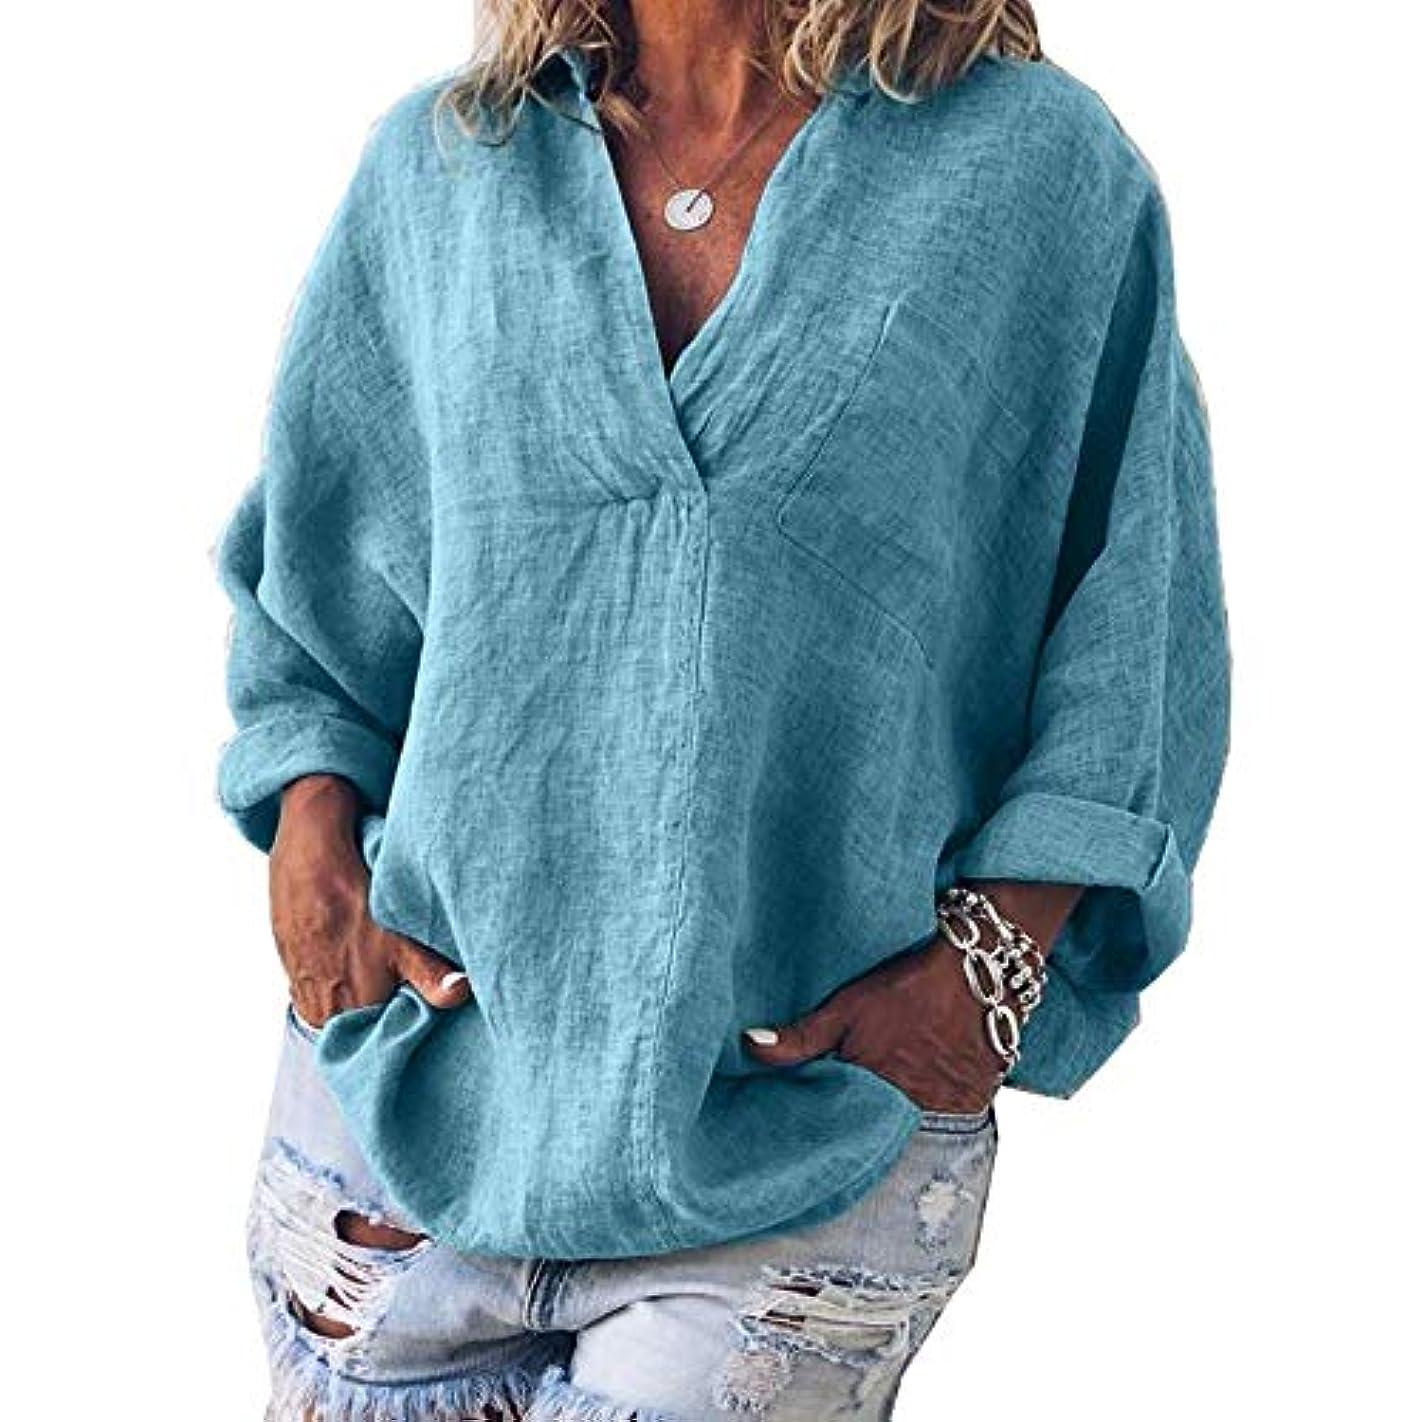 パック原油料理MIFAN女性ファッション春夏チュニックトップス深いVネックTシャツ長袖プルオーバールーズリネンブラウス